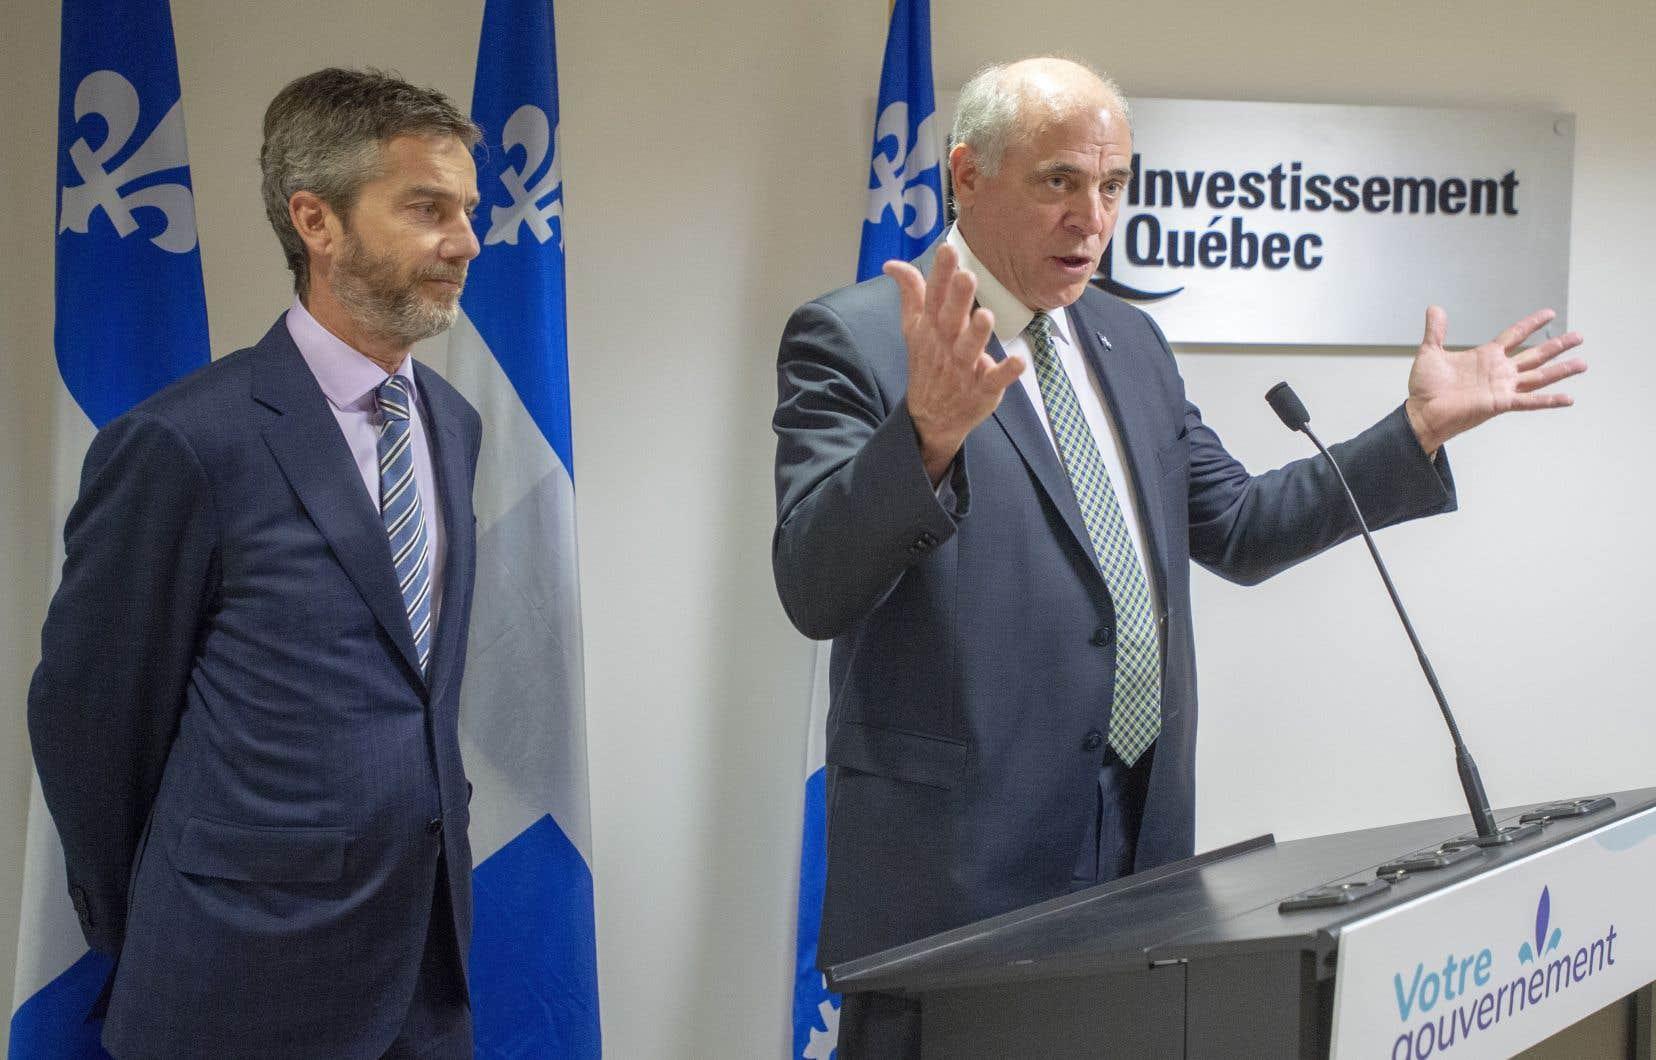 Le ministre de l'Économie, Pierre Fitzgibbon, a nommé jeudi son ami et partenaire d'affaires Guy LeBlanc à la tête d'Investissement Québec, le bras financier du gouvernement.